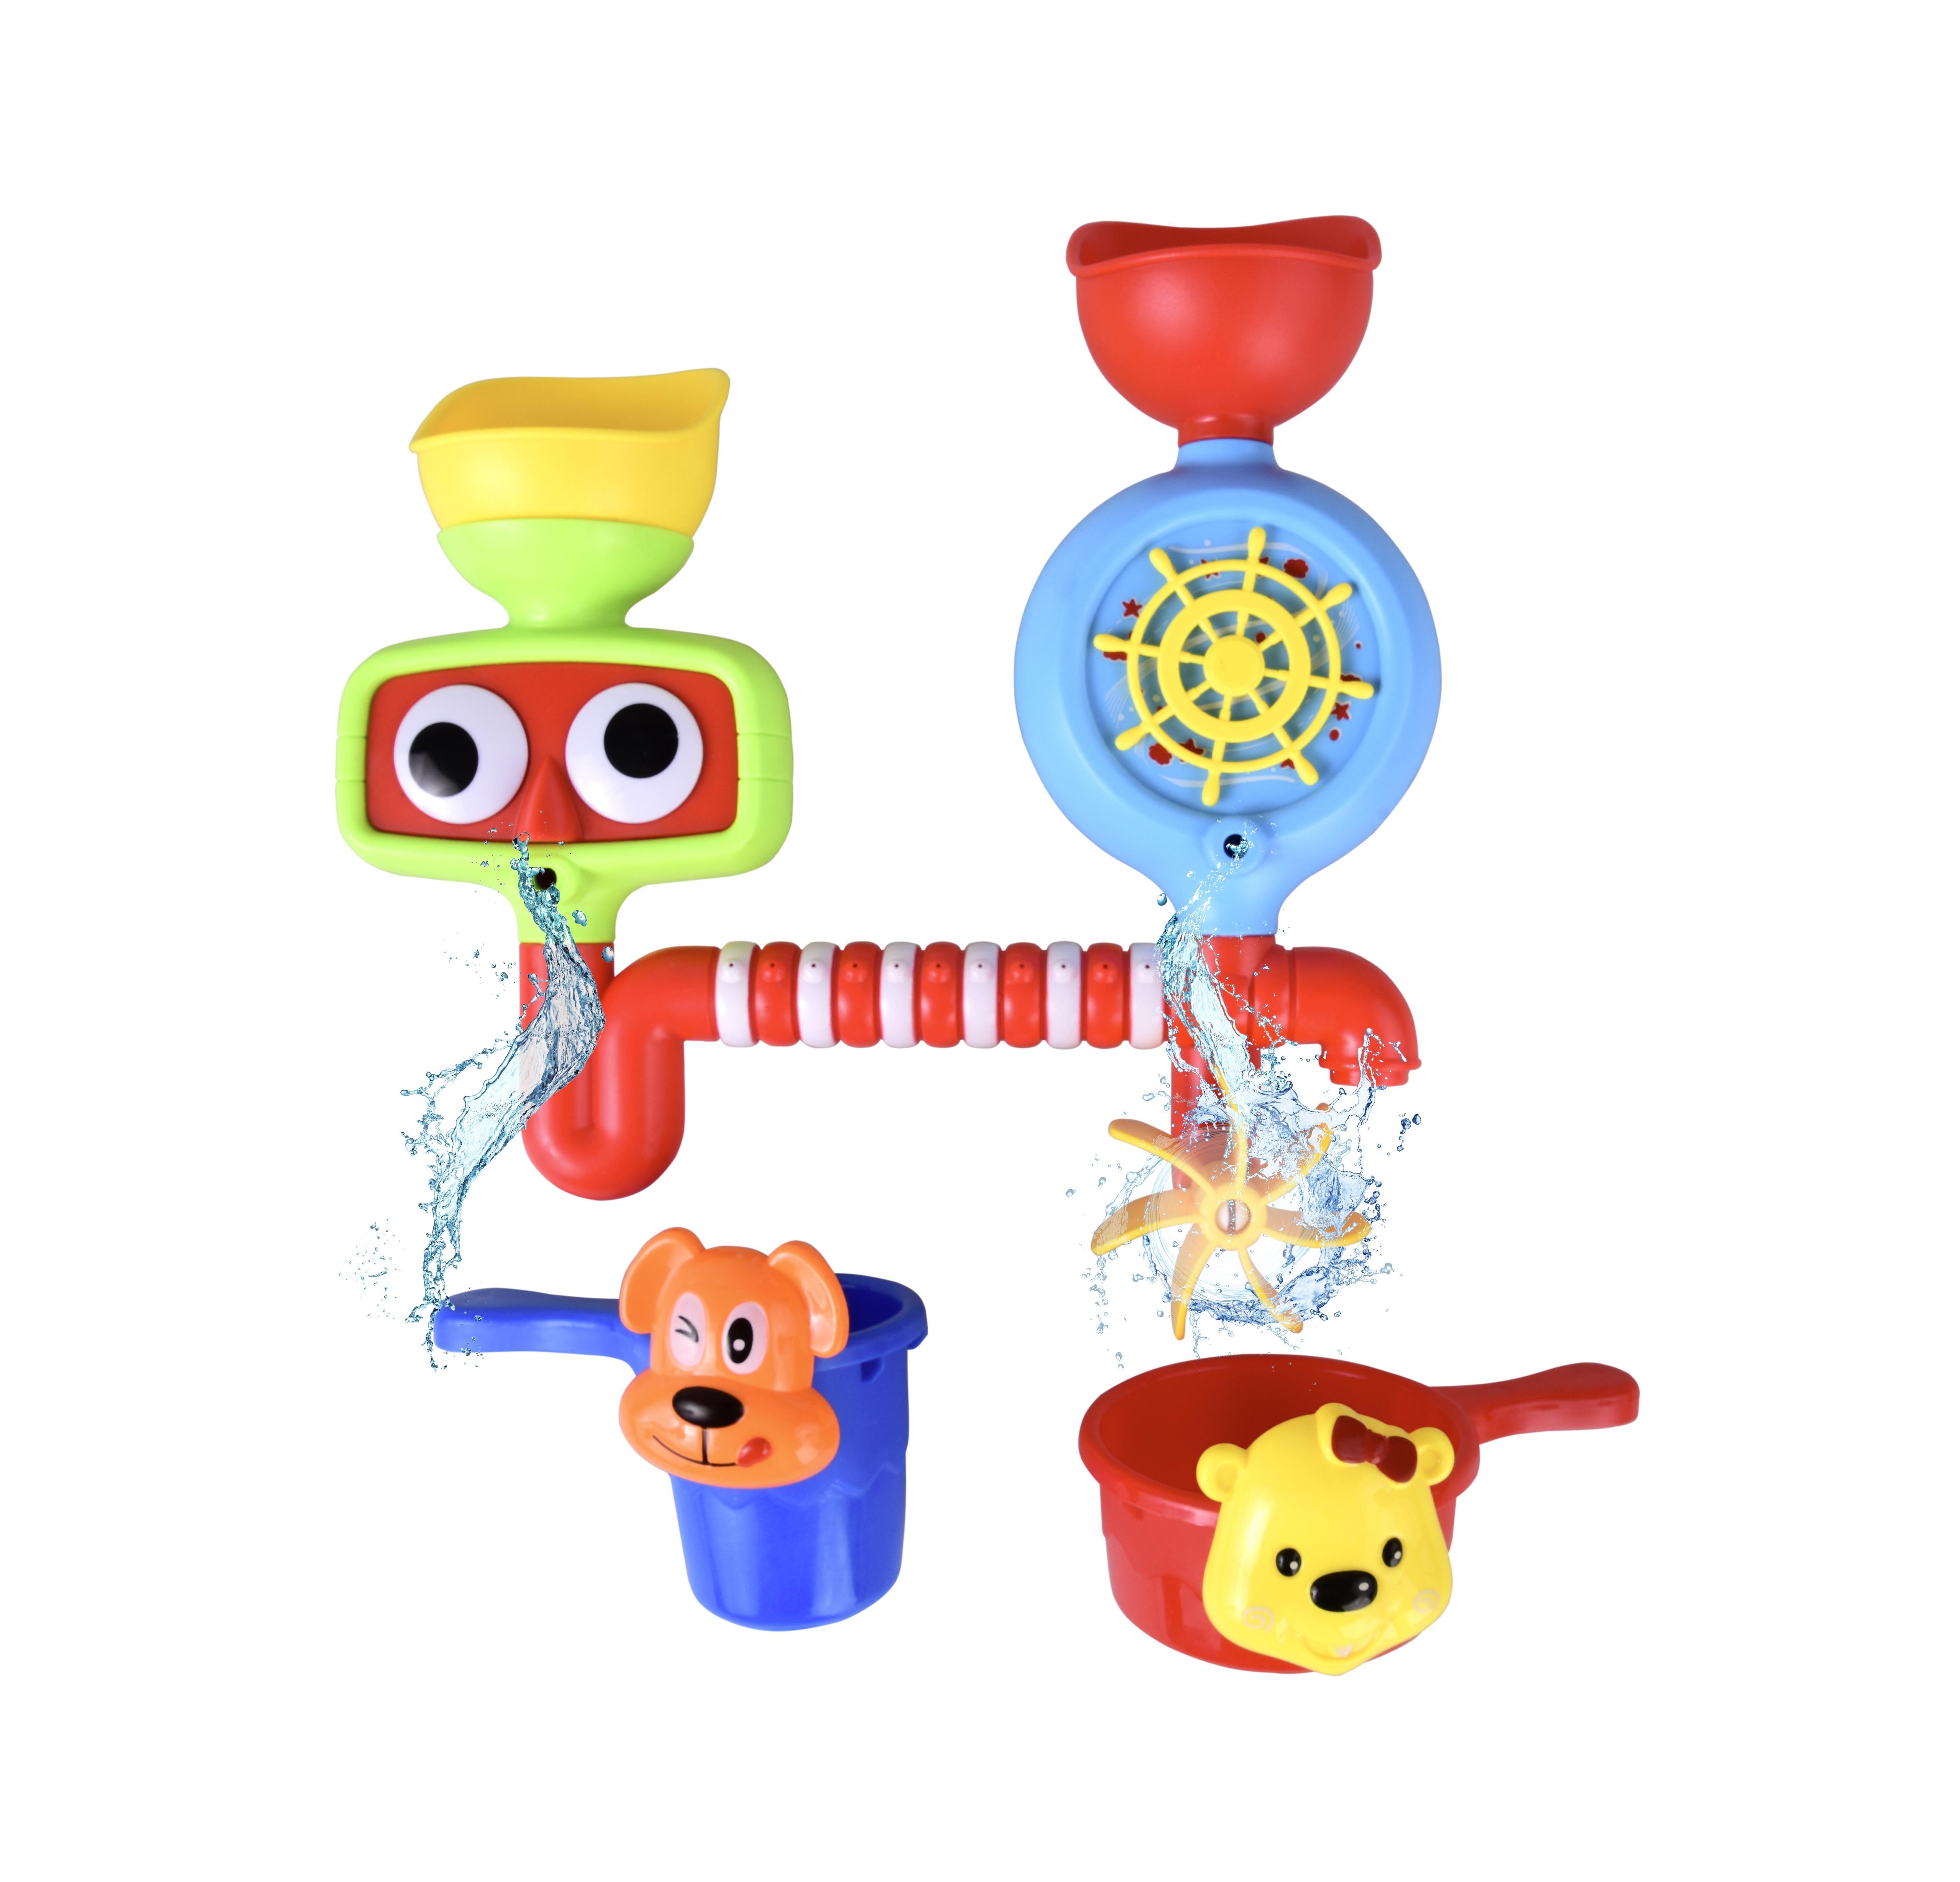 Hračka do vody a vany, s otočným vodním mlýnkem